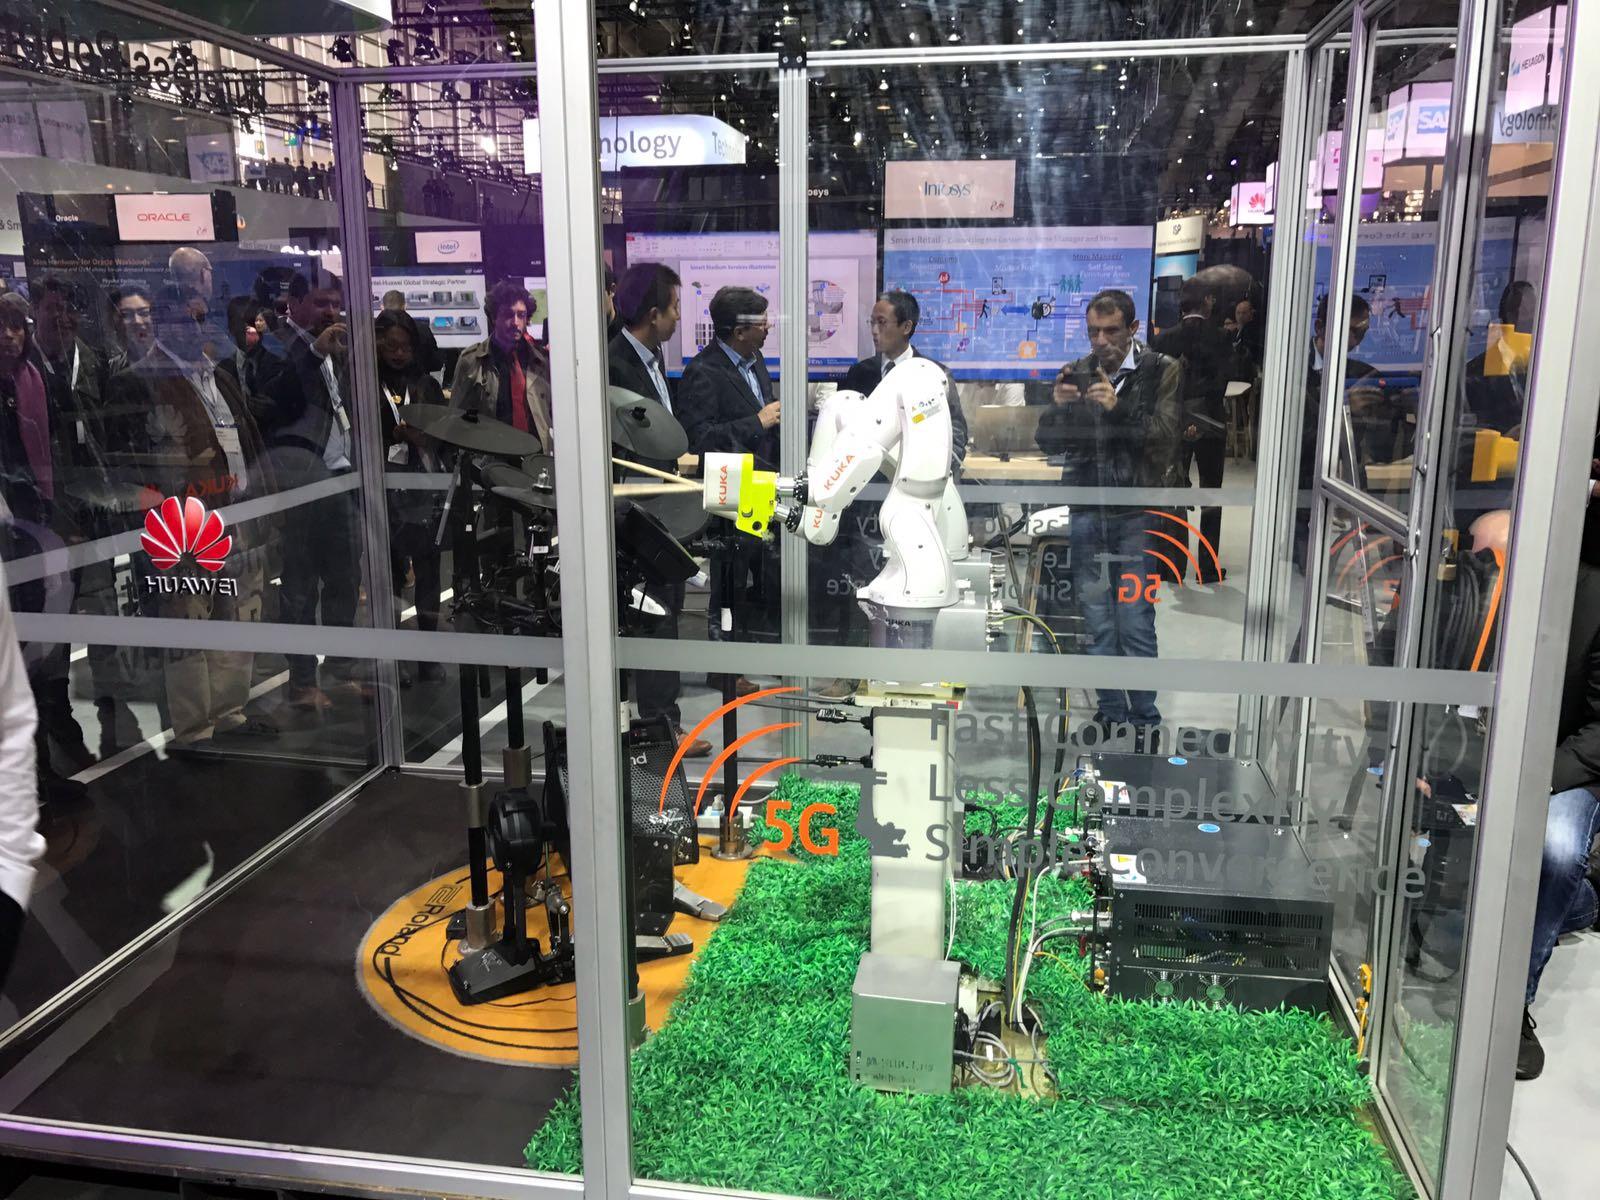 Ein Roboter spielt E-Schlagzeug